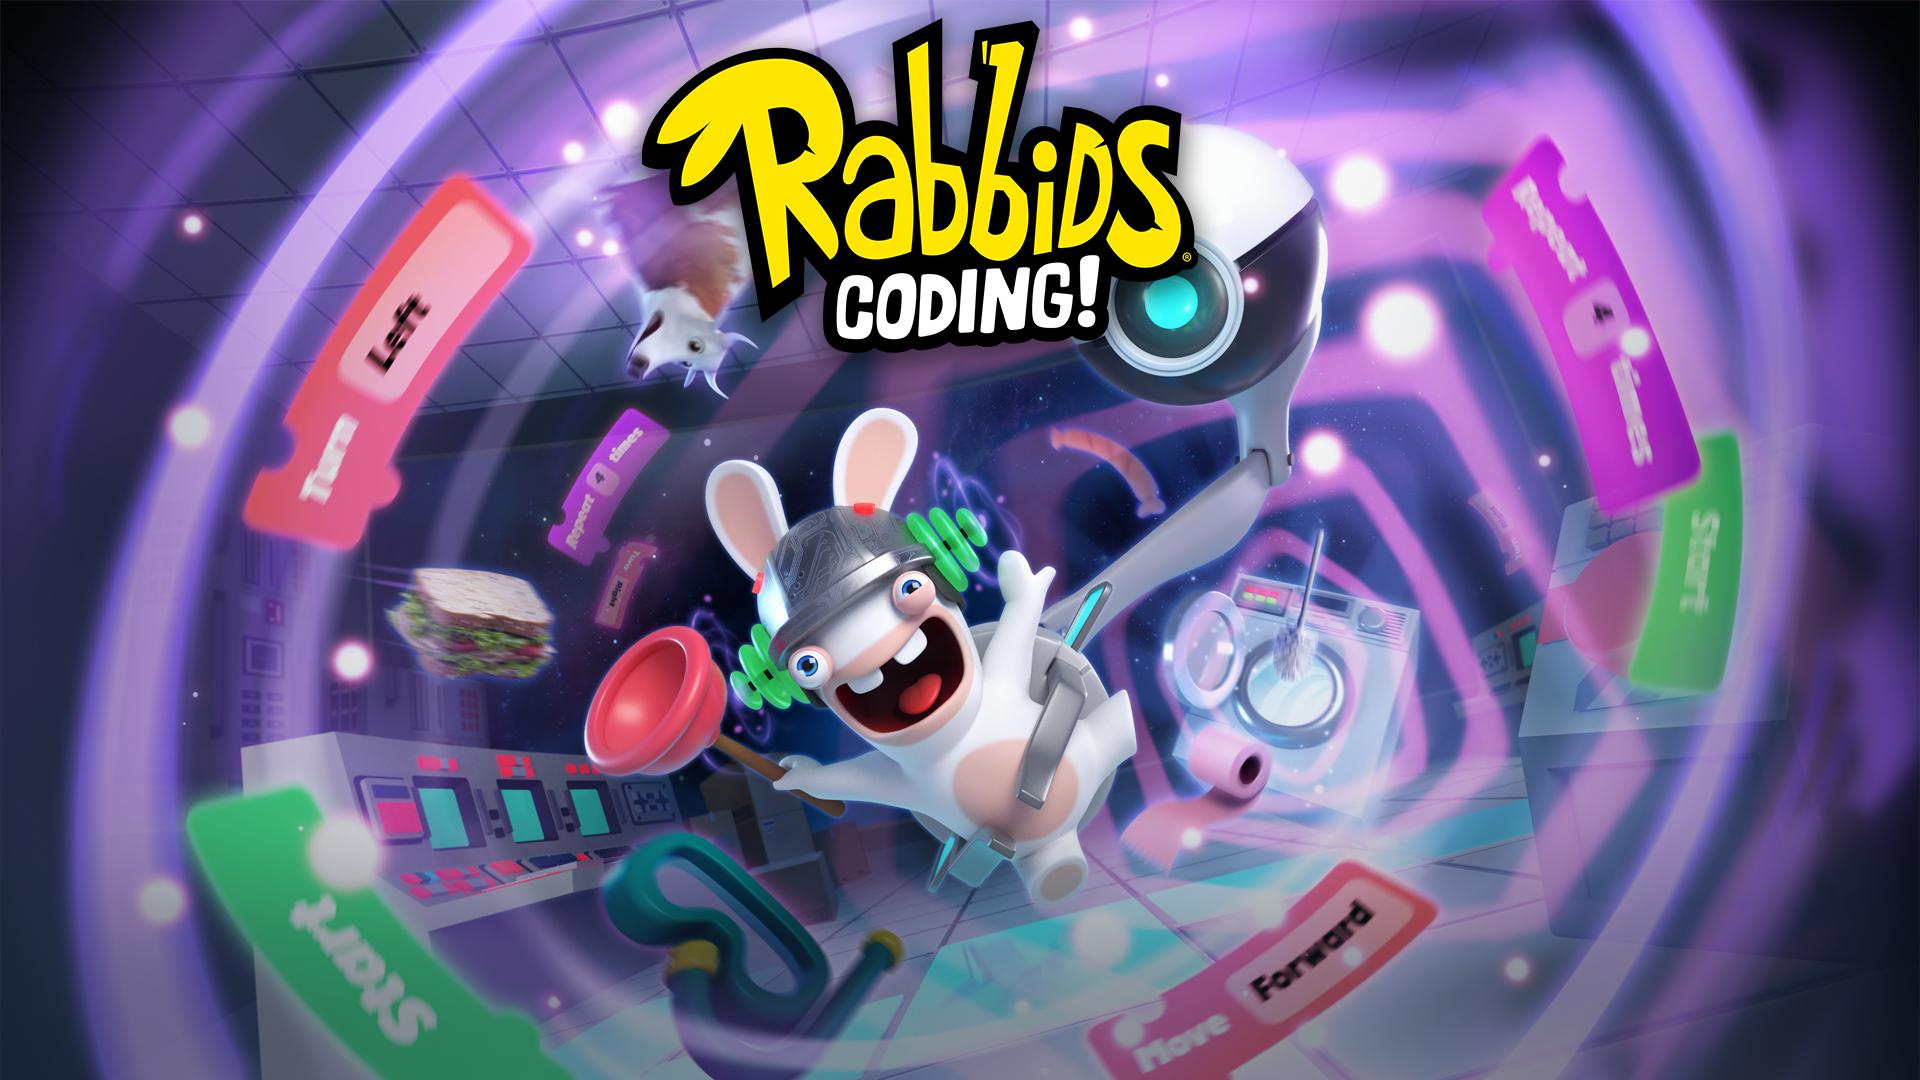 Ubisoft Añade Nuevos Niveles e Idiomas para Rabbids Coding